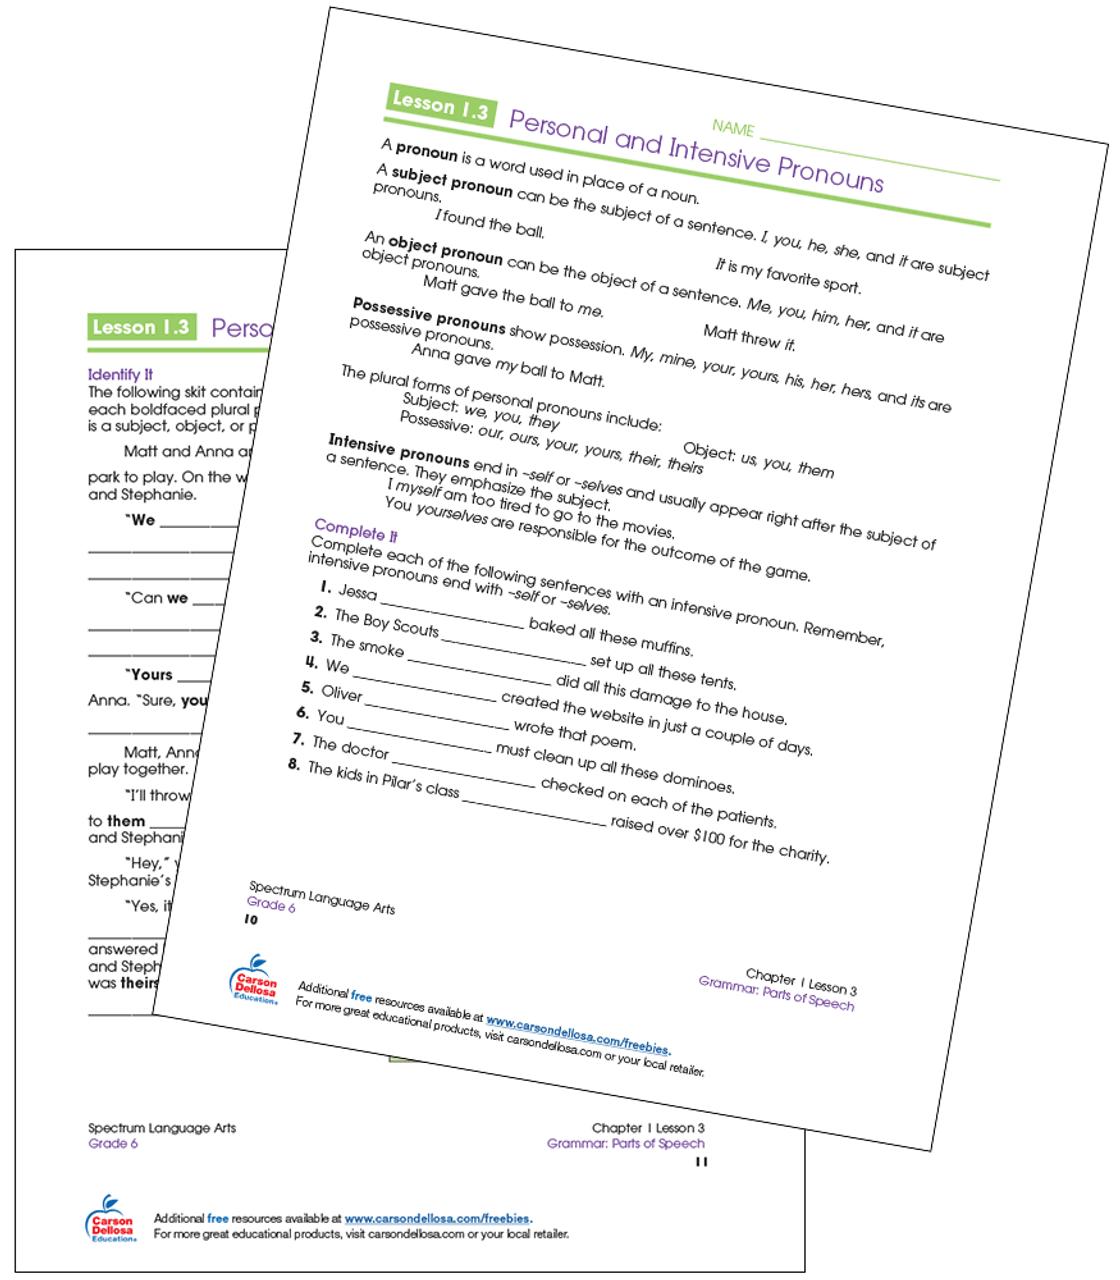 medium resolution of Personal and Intensive Pronouns Grade 6 Free Printable   Carson Dellosa